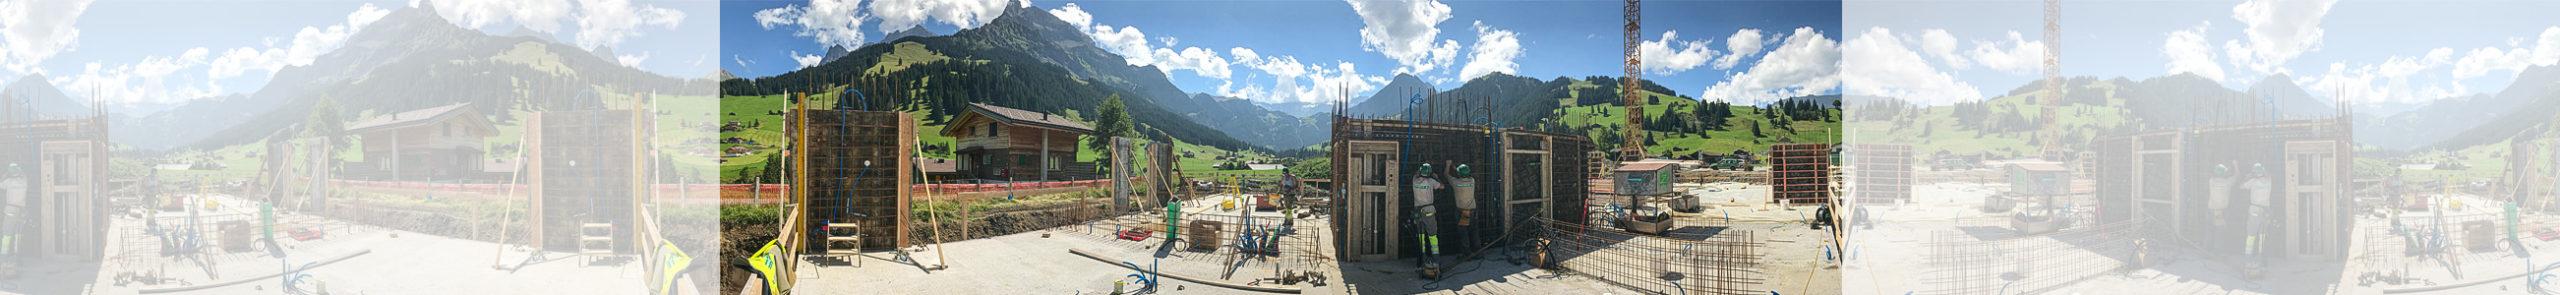 Burn und Künzi AG Adelboden – Baustelle im Sommer